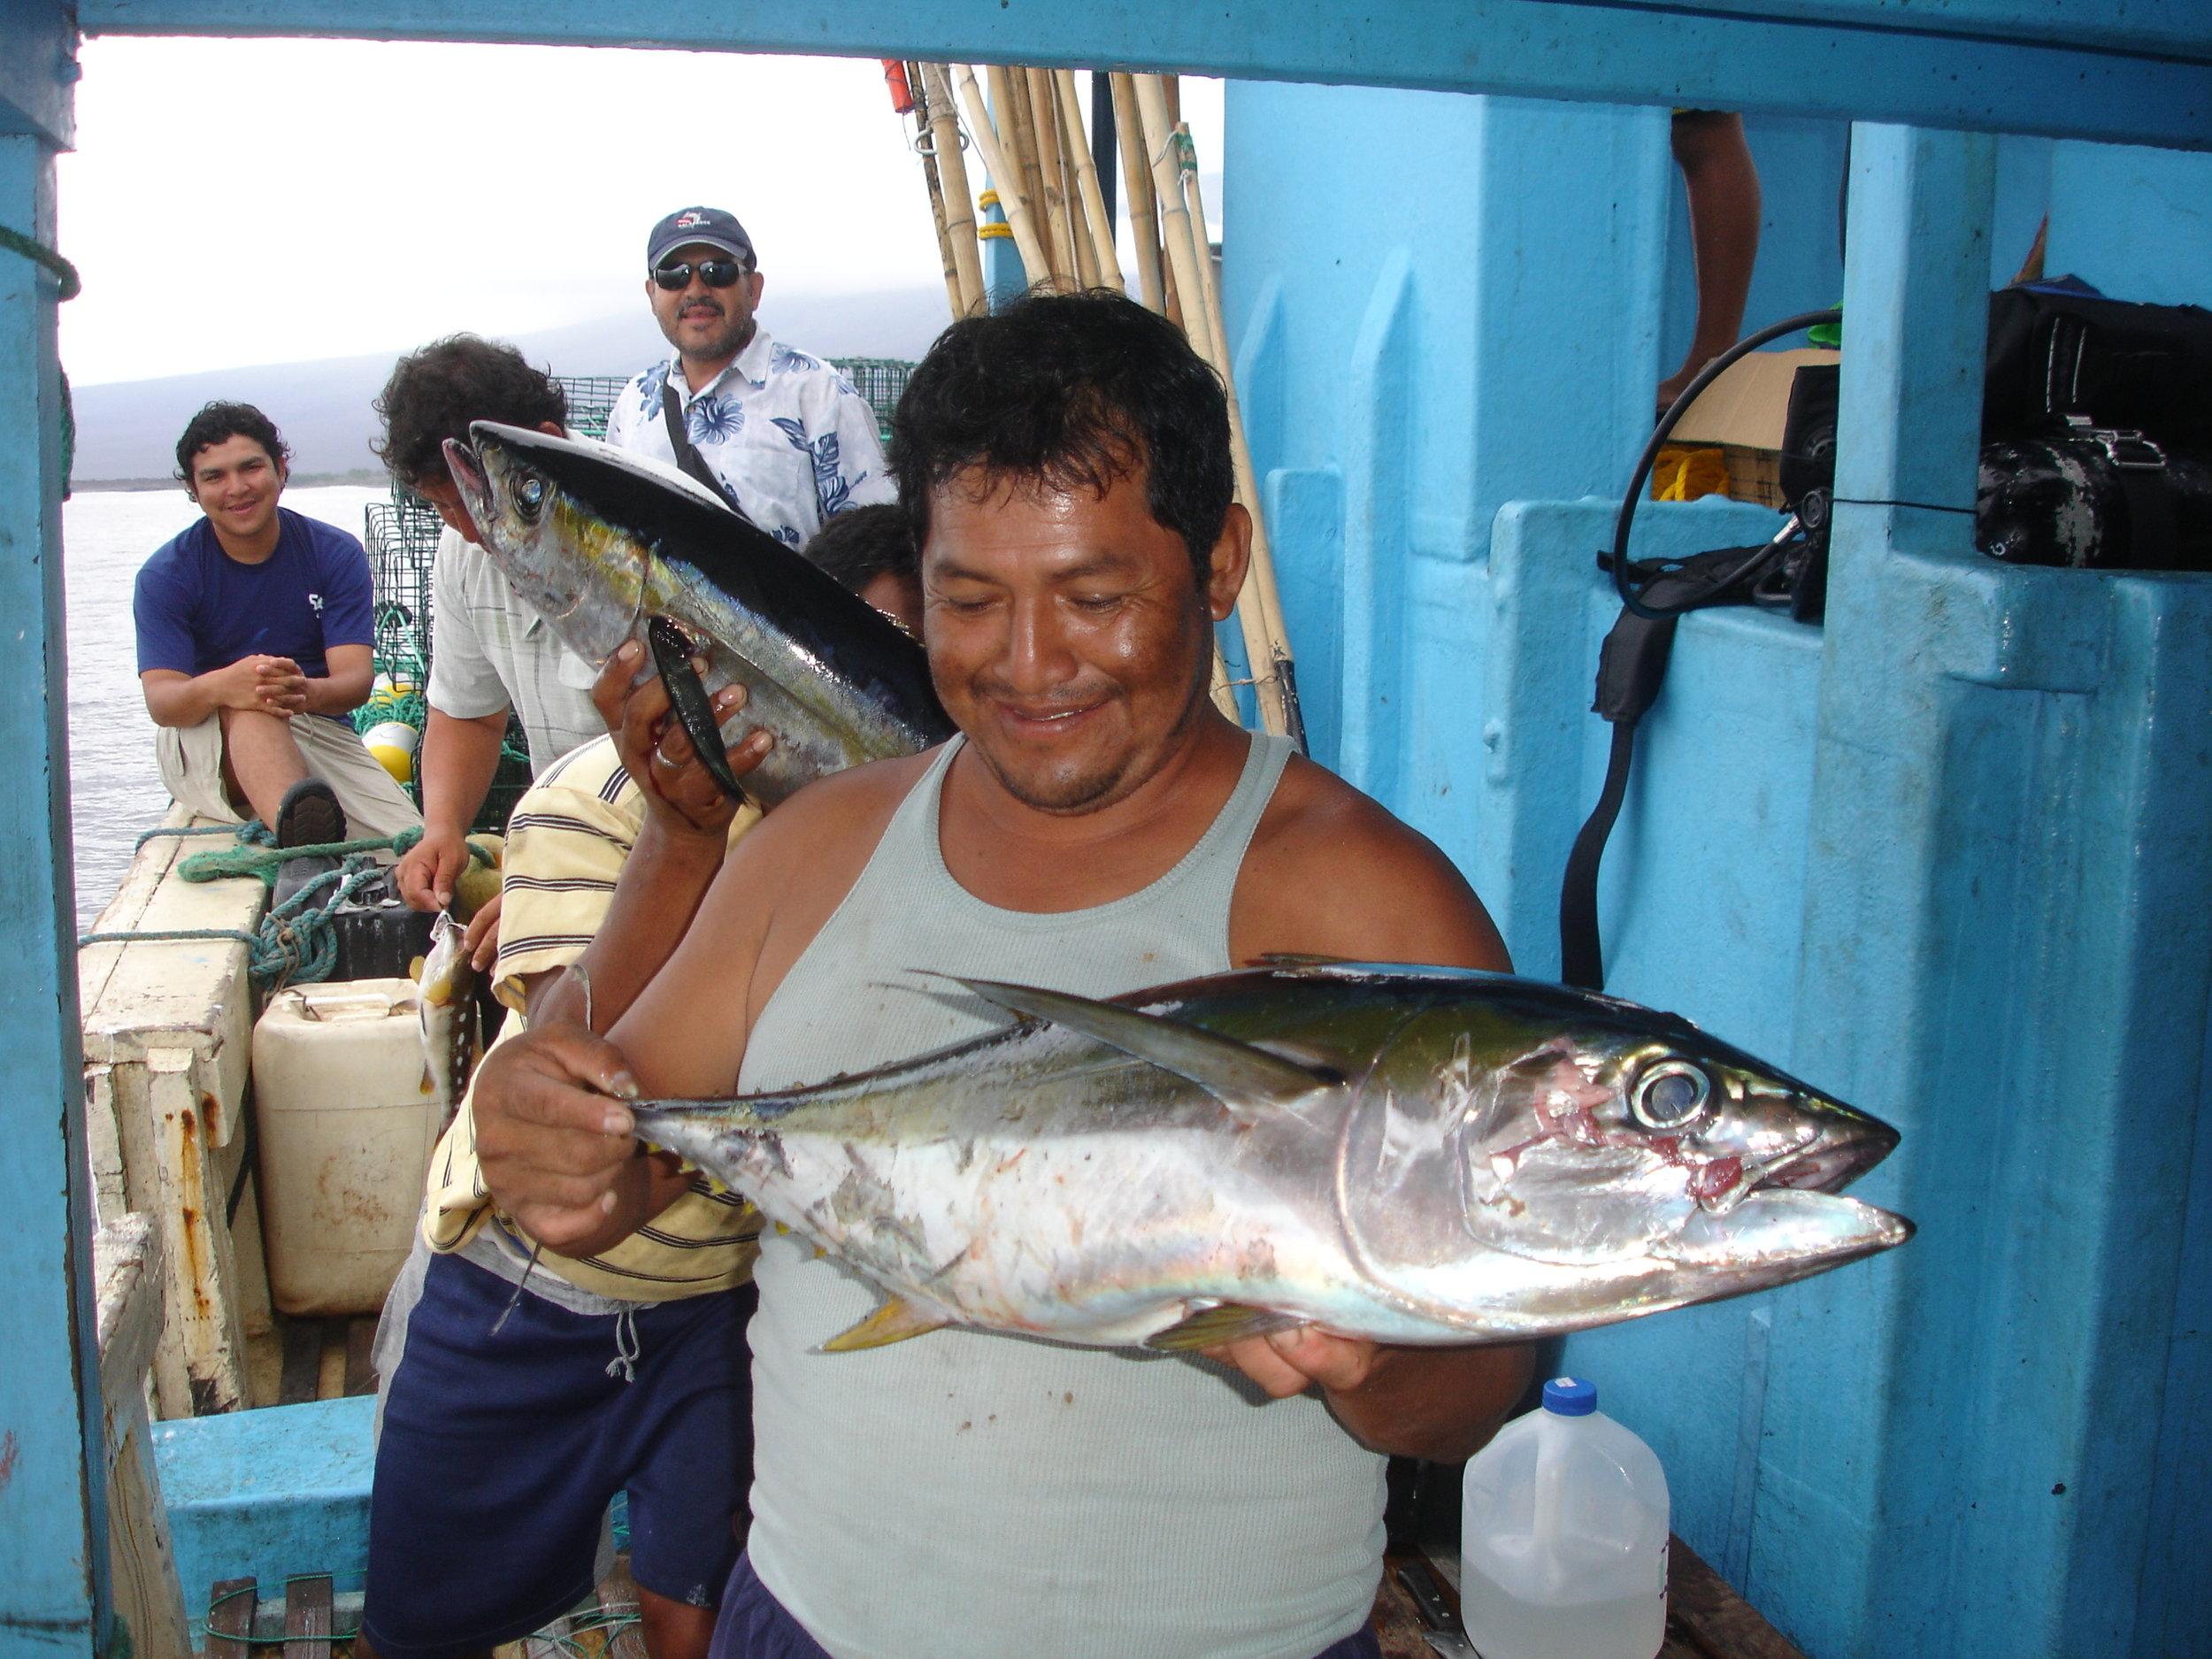 Figura 1 . Pescador artesanal de Galápagos sosteniendo un atún aleta amarilla. Foto: Mauricio Castrejón